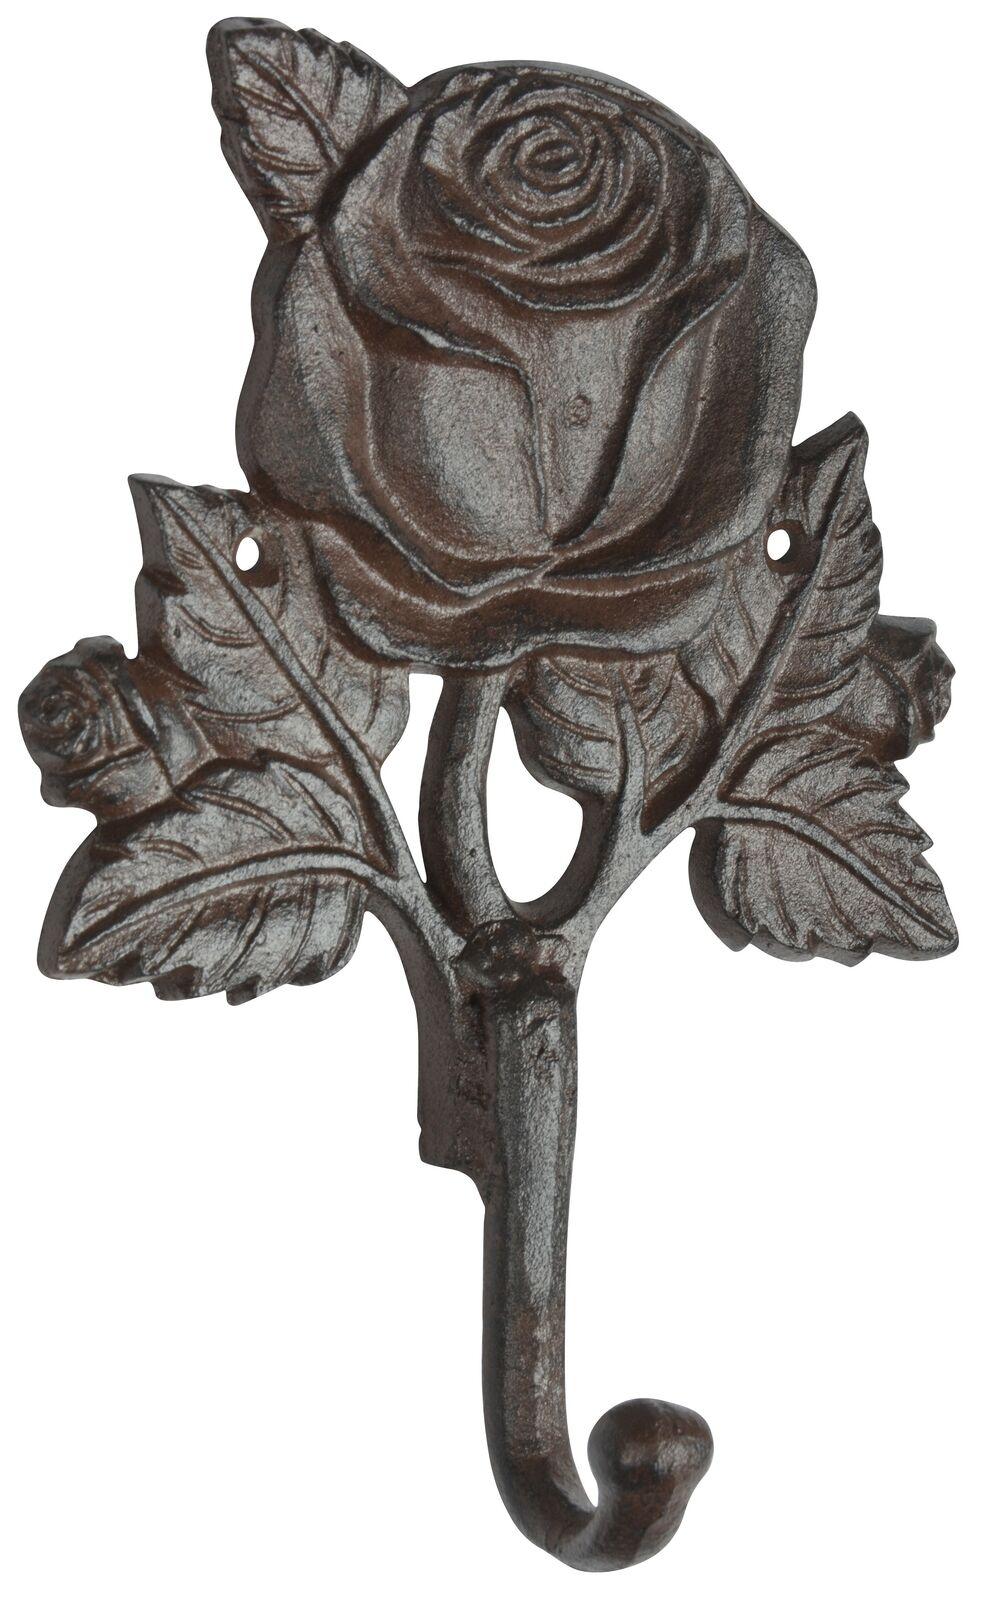 Image Esschert Design crochet rose de vestiaire fonte marron maison campagne ancien